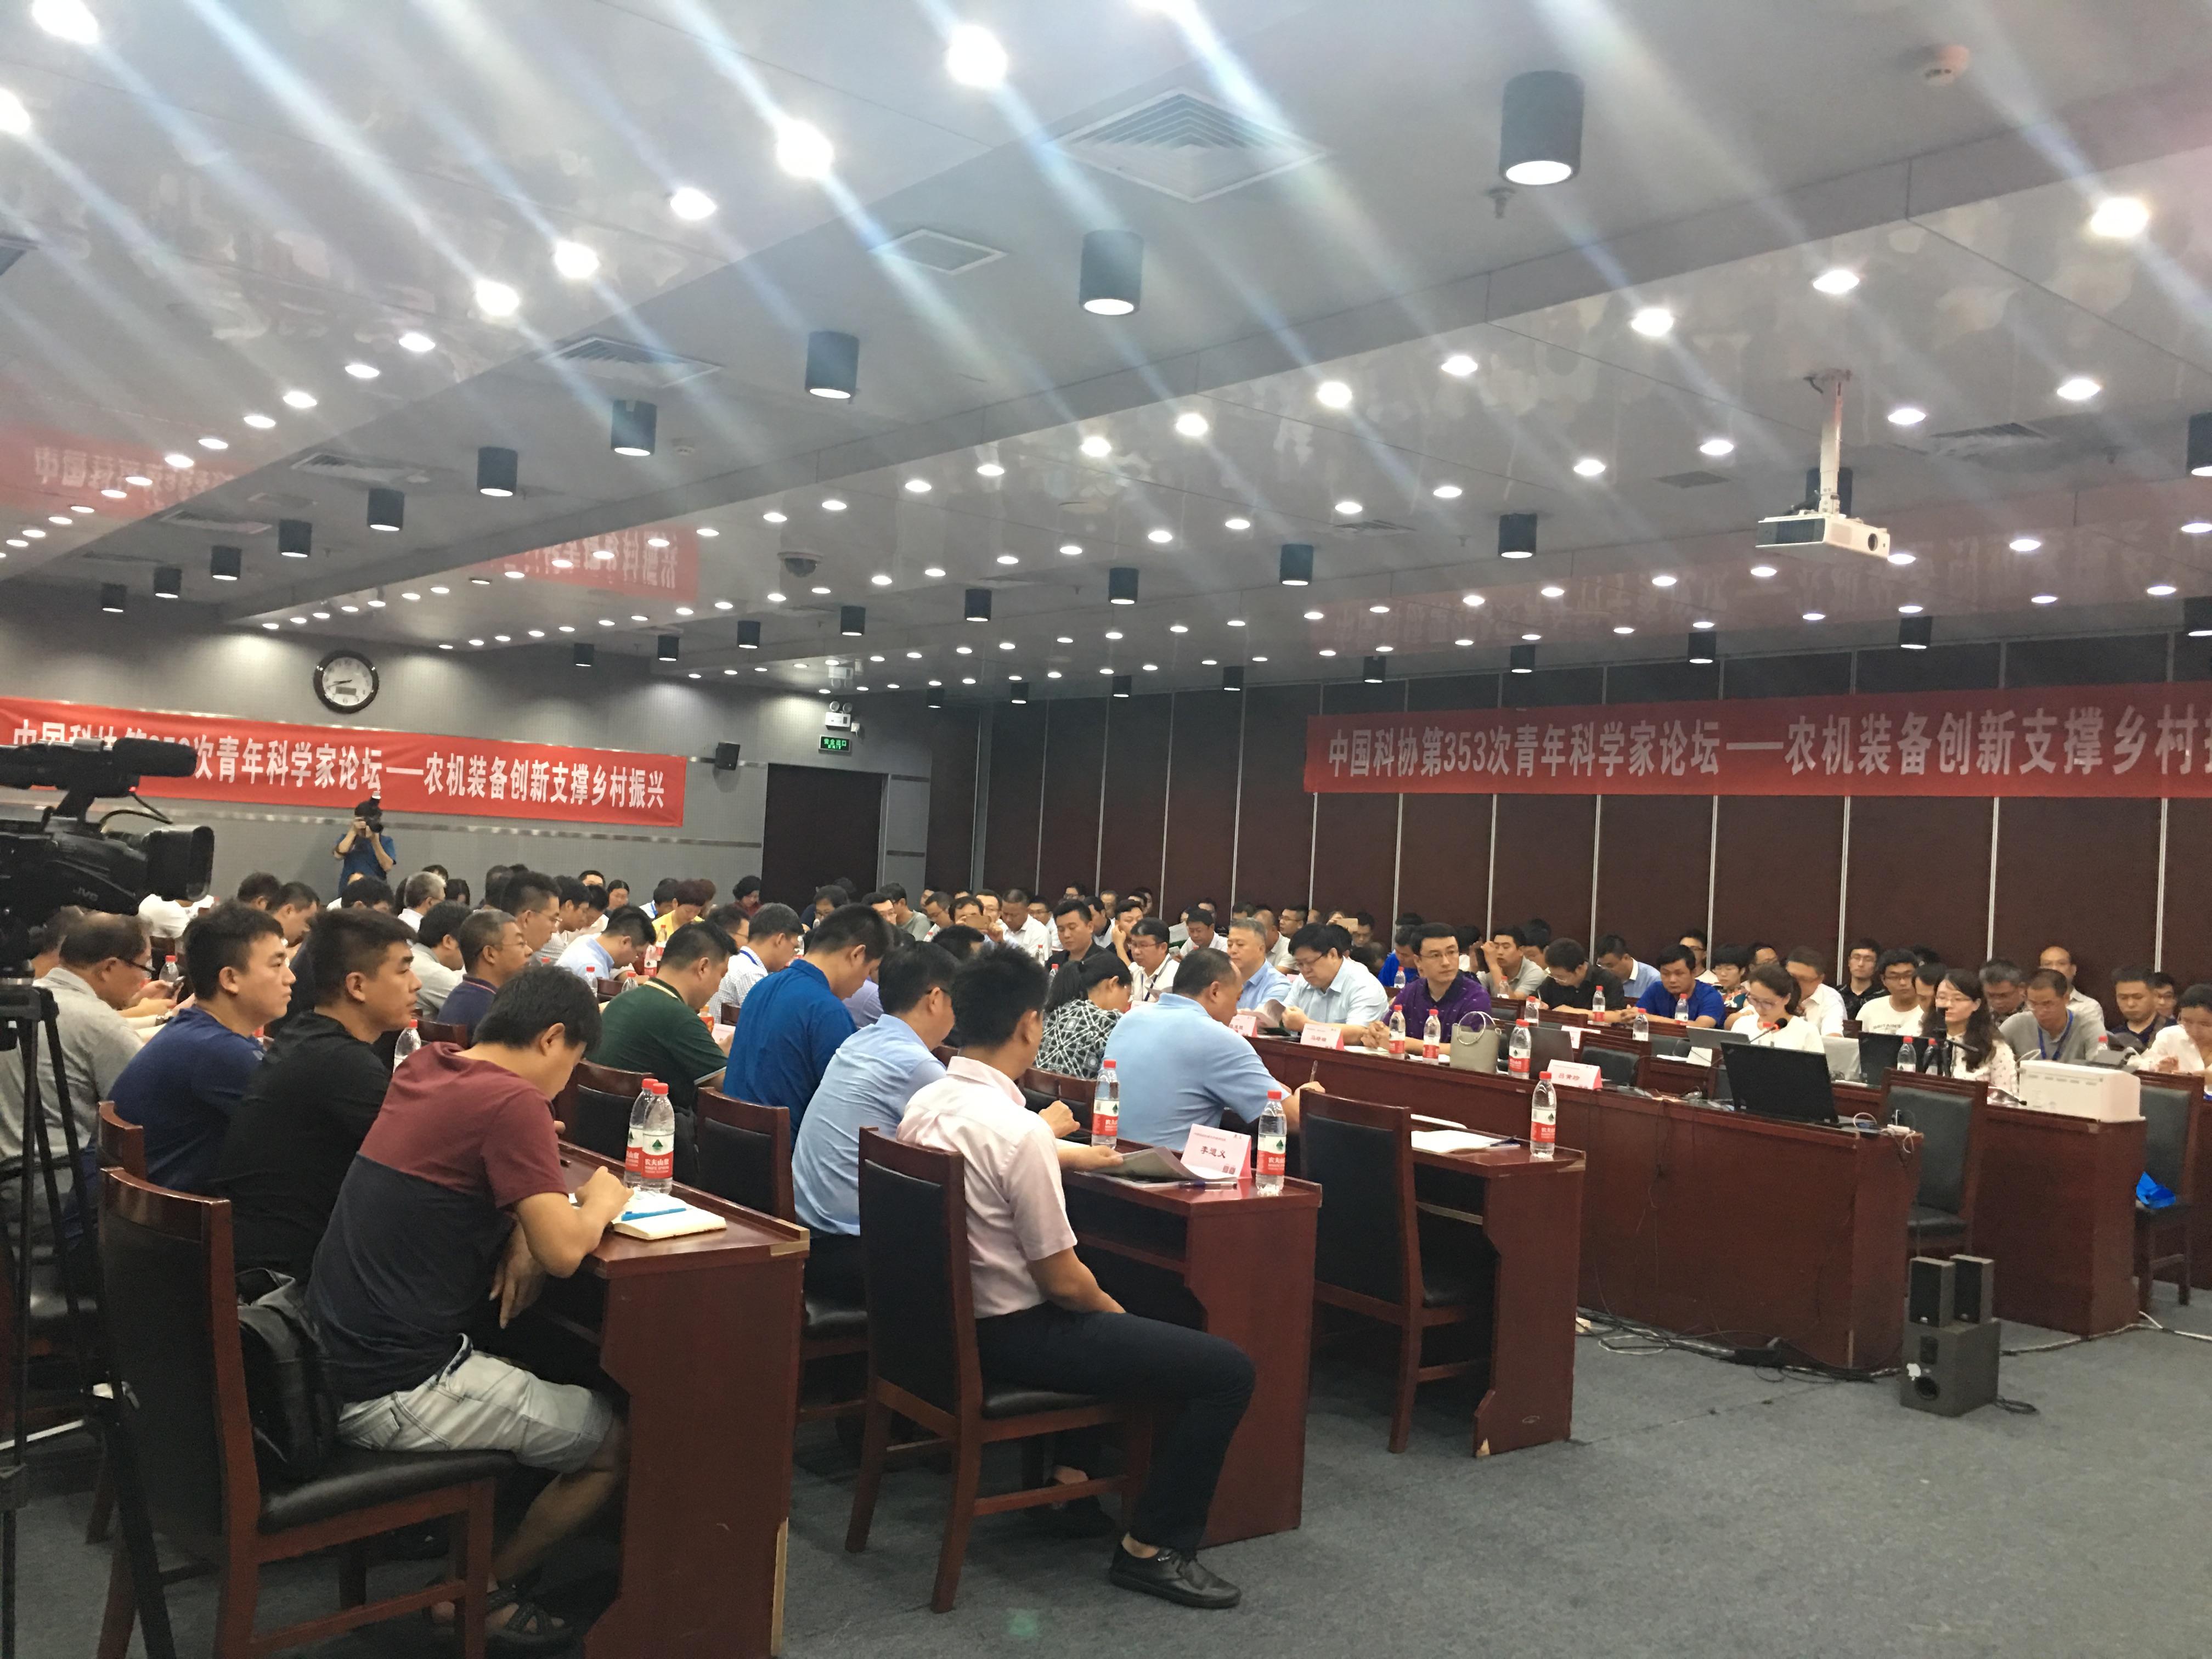 """支撑乡村振兴""""在中国农业机械化科学研究院(以下简称""""中国农机院"""")"""